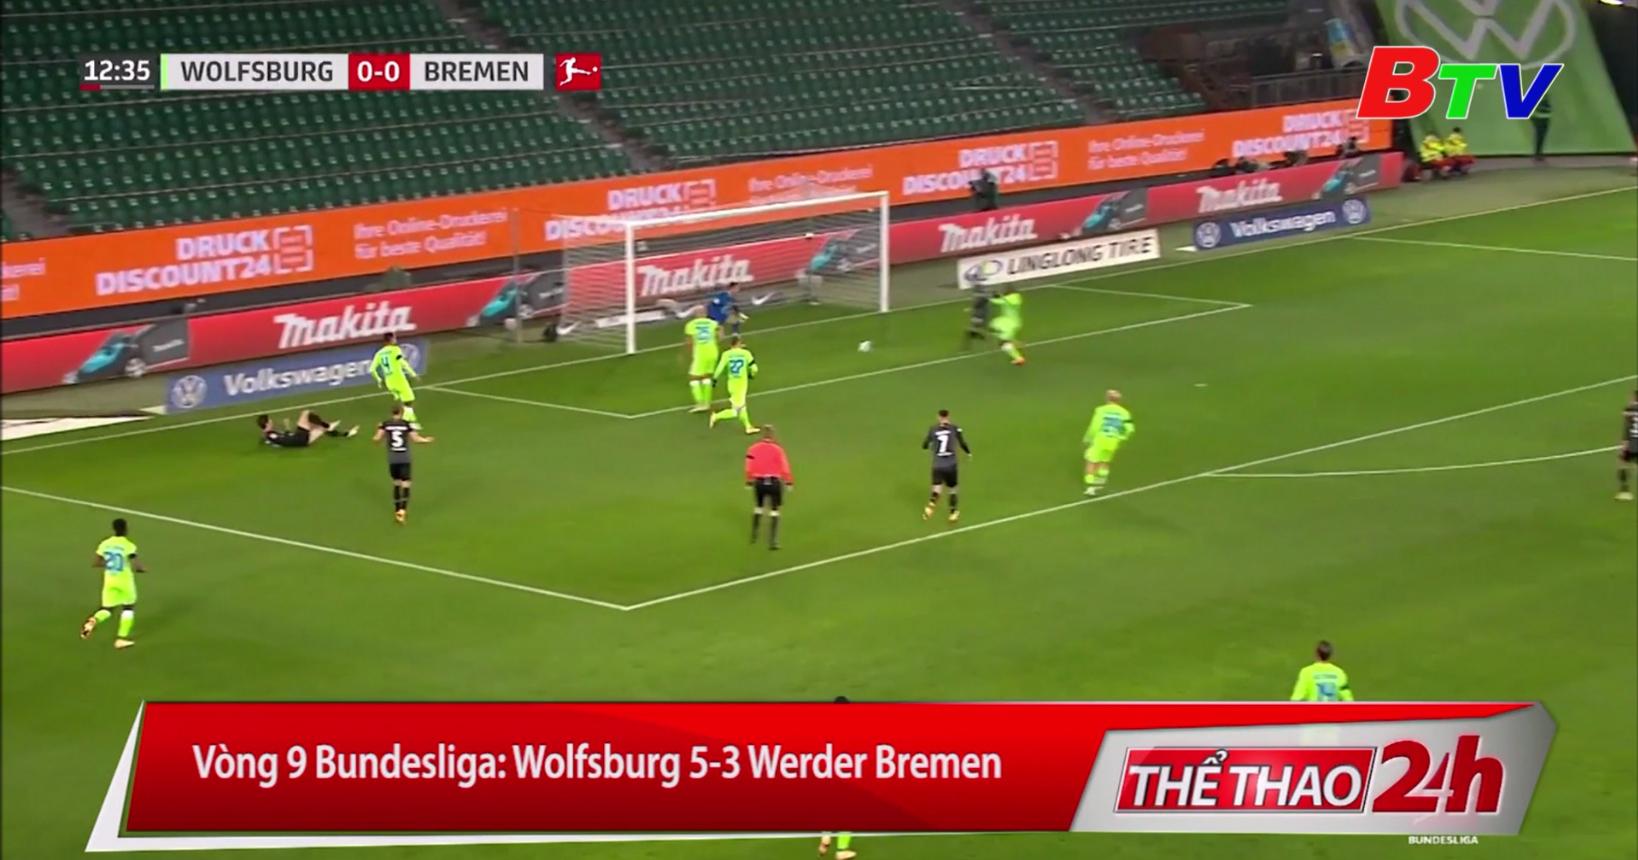 Vòng 9 Bundesliga – Wolfsburg 5-3 Werder Bremen